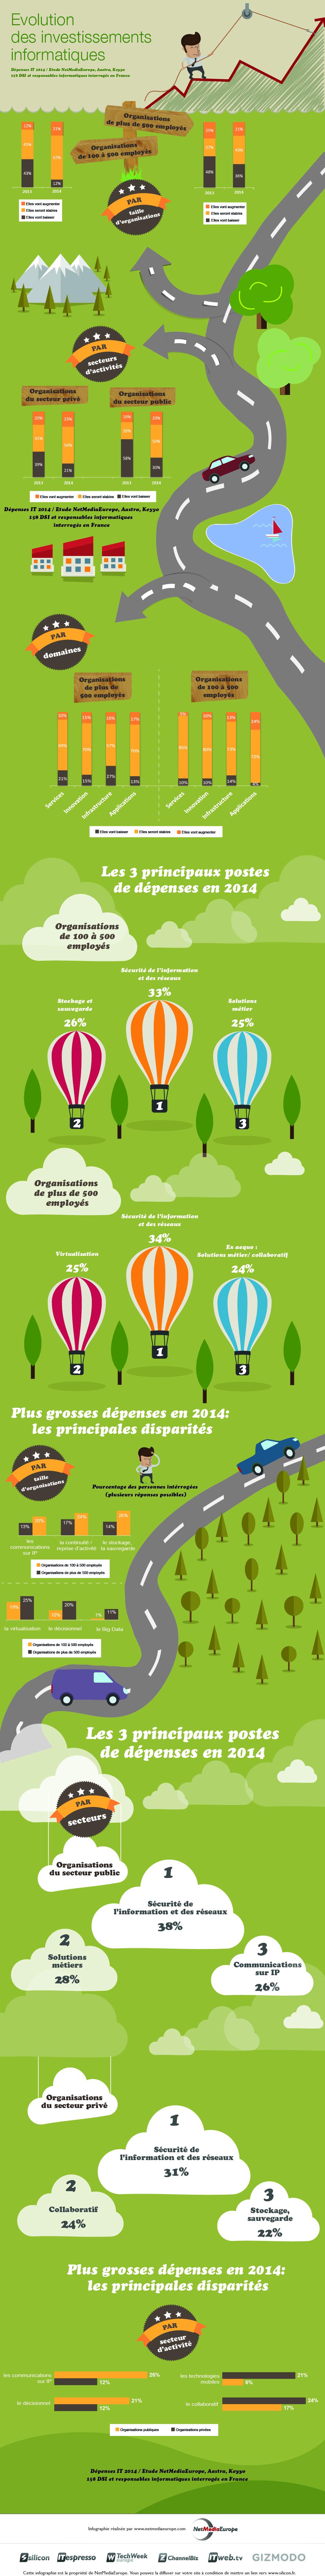 Infographie : léger mieux pour la dépense IT en 2014